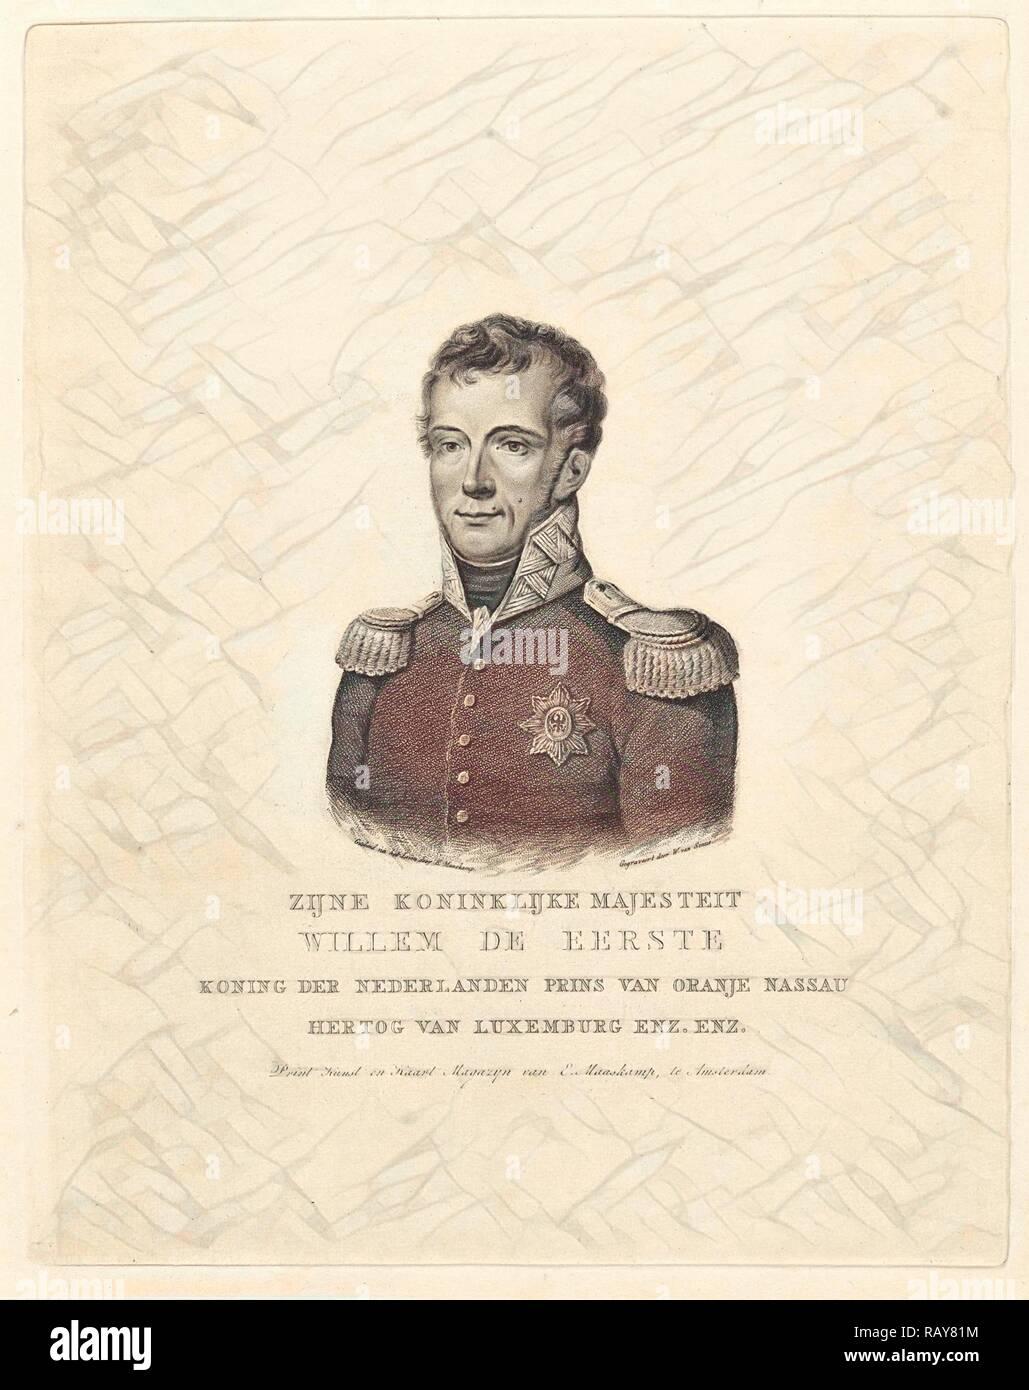 Retrato de Frederik Willem I, rey de los Países Bajos. Willem van Senus, Evert Maaskamp, 1814 - 1843. Reinventado Imagen De Stock